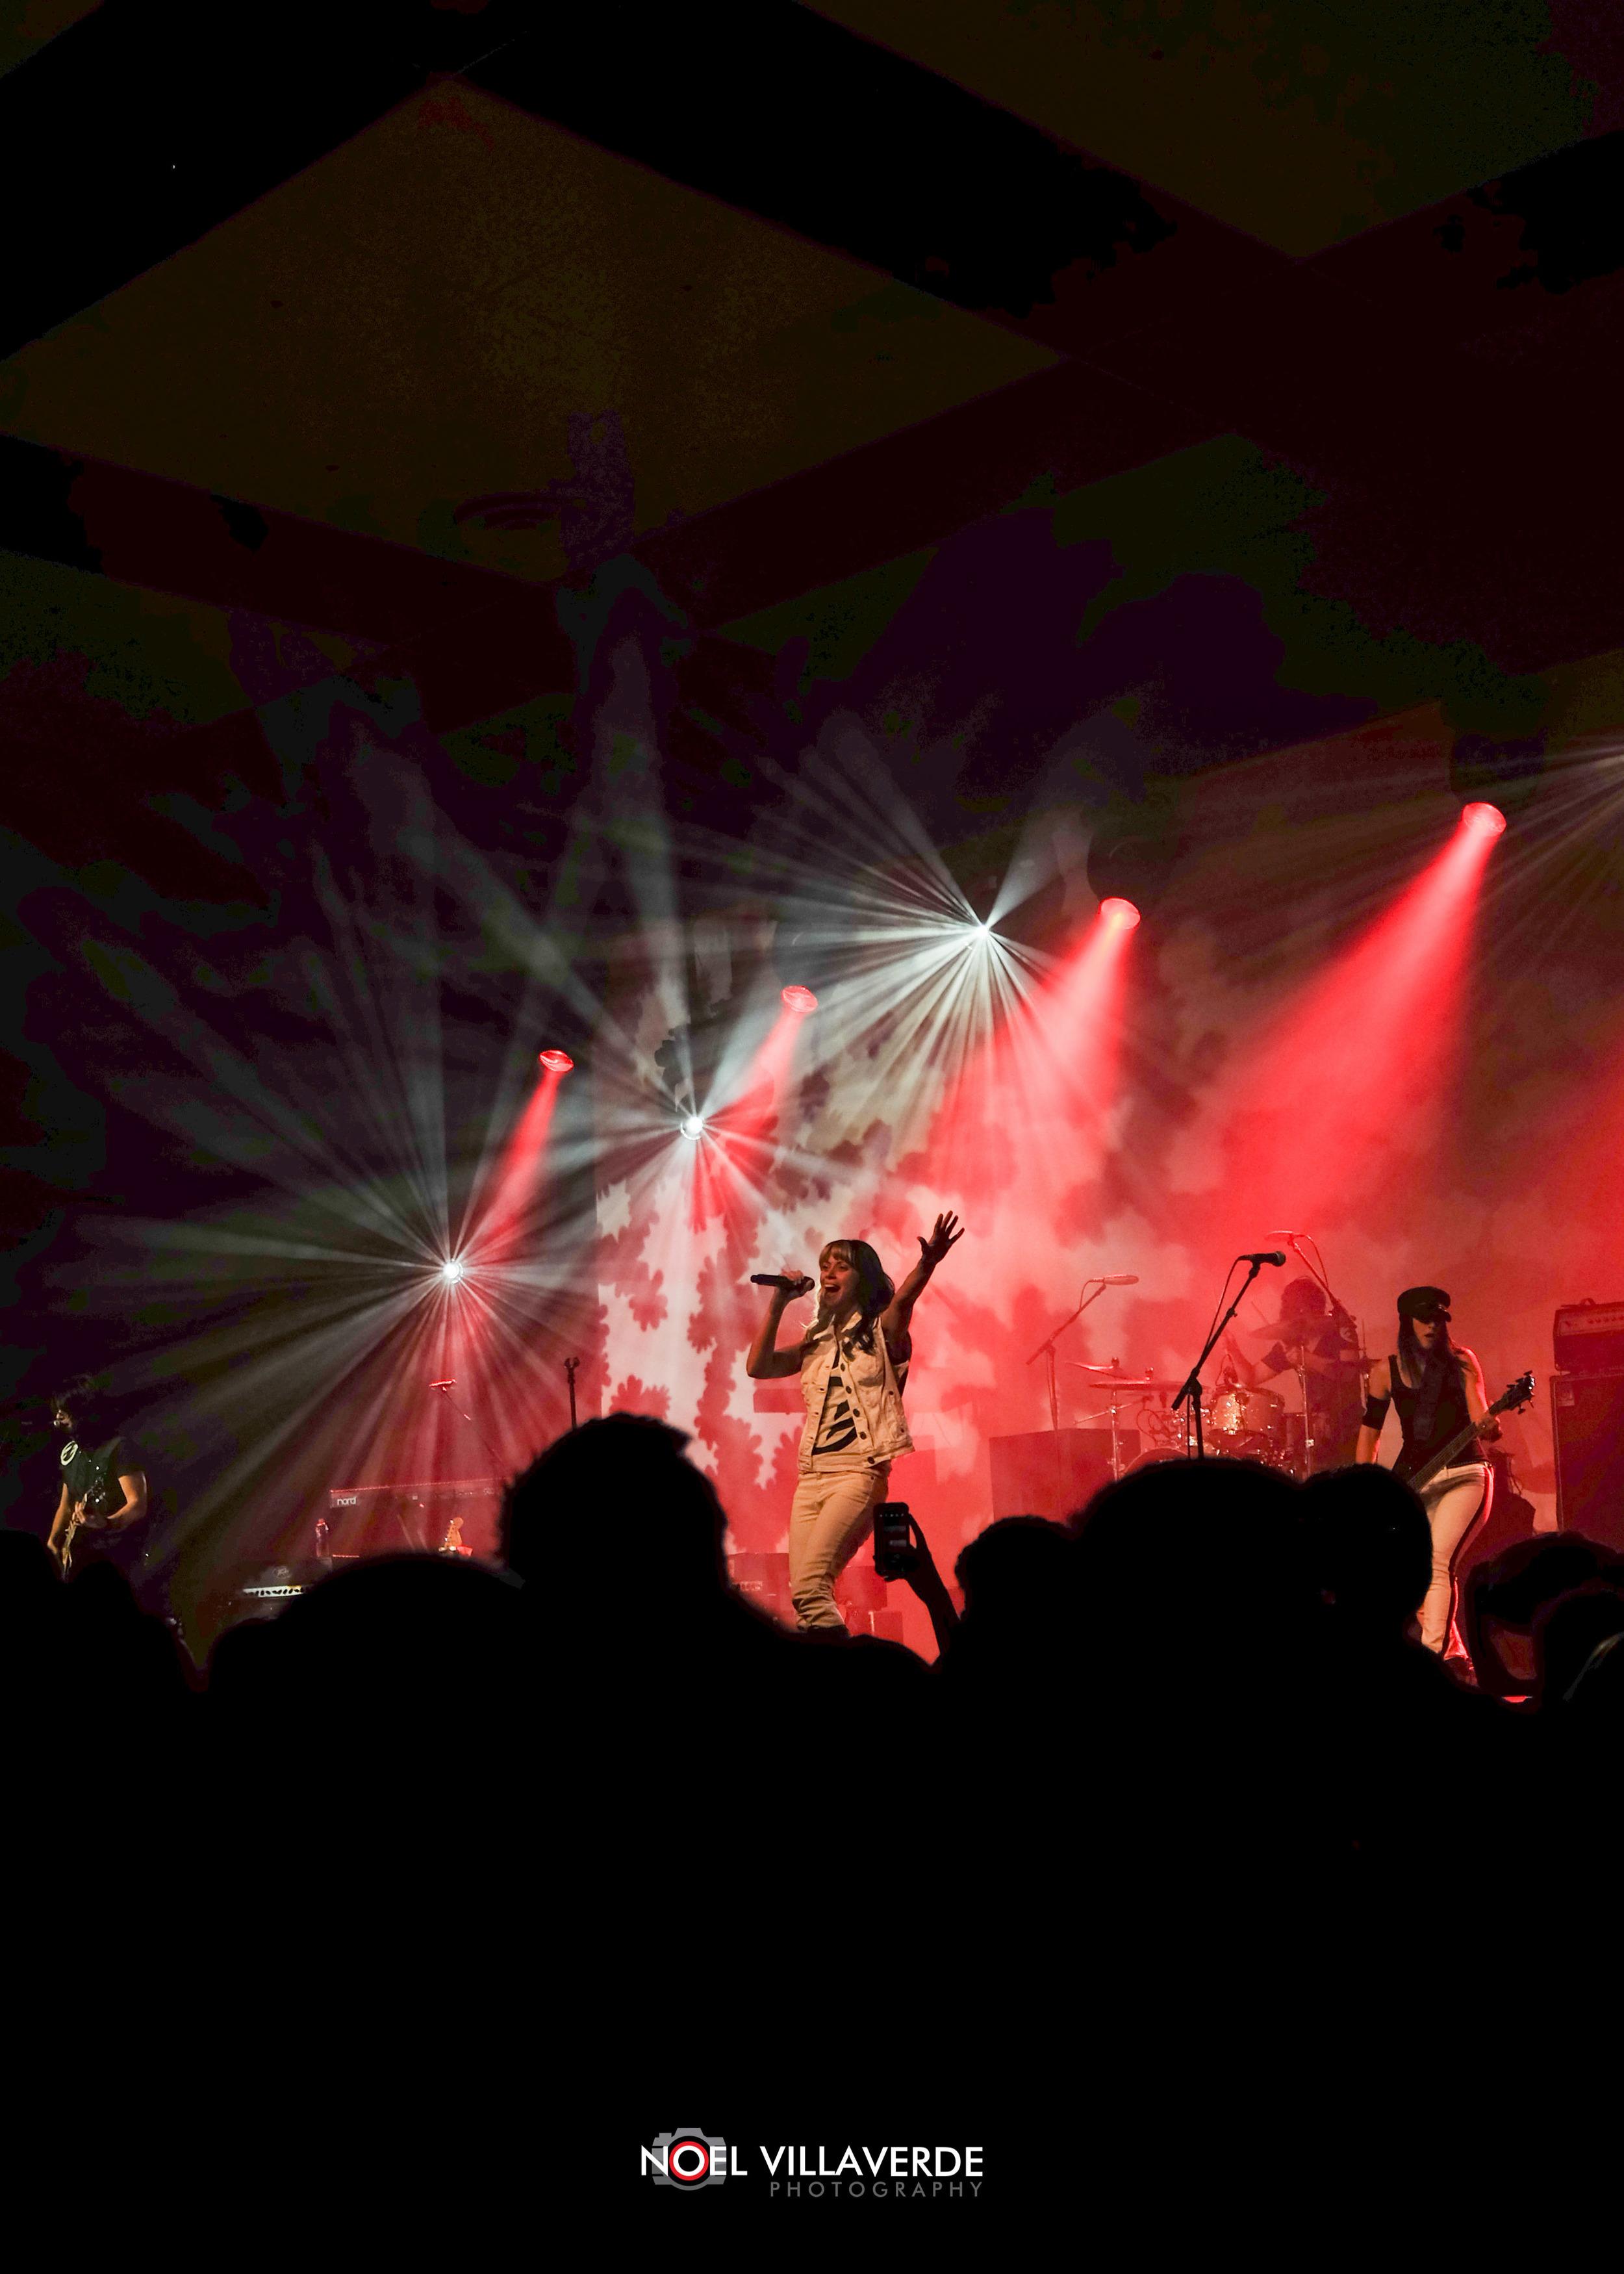 Ignition_Concert-14.jpg